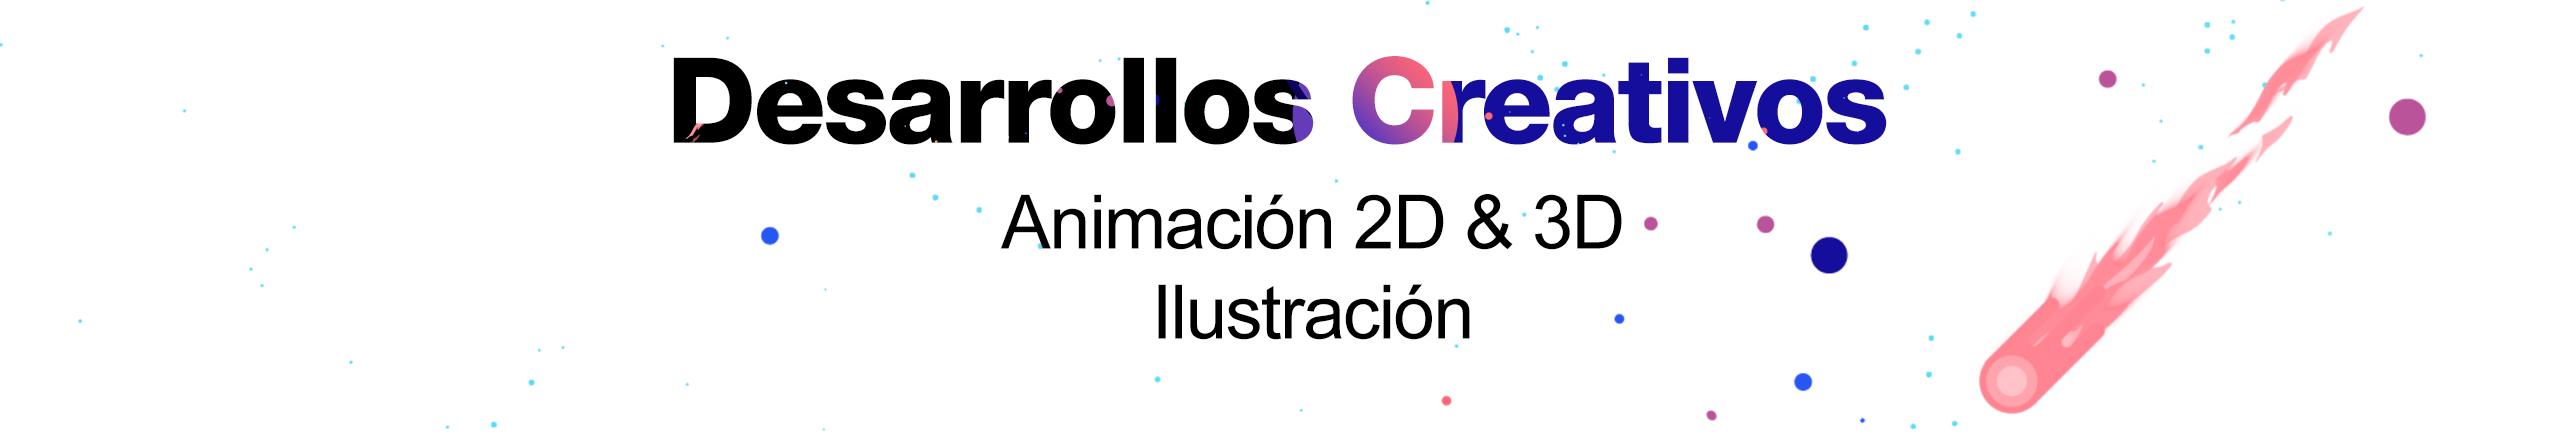 videos-publicitarios-explicativos-promocionales-animados-motion-graphics-morgana-studios